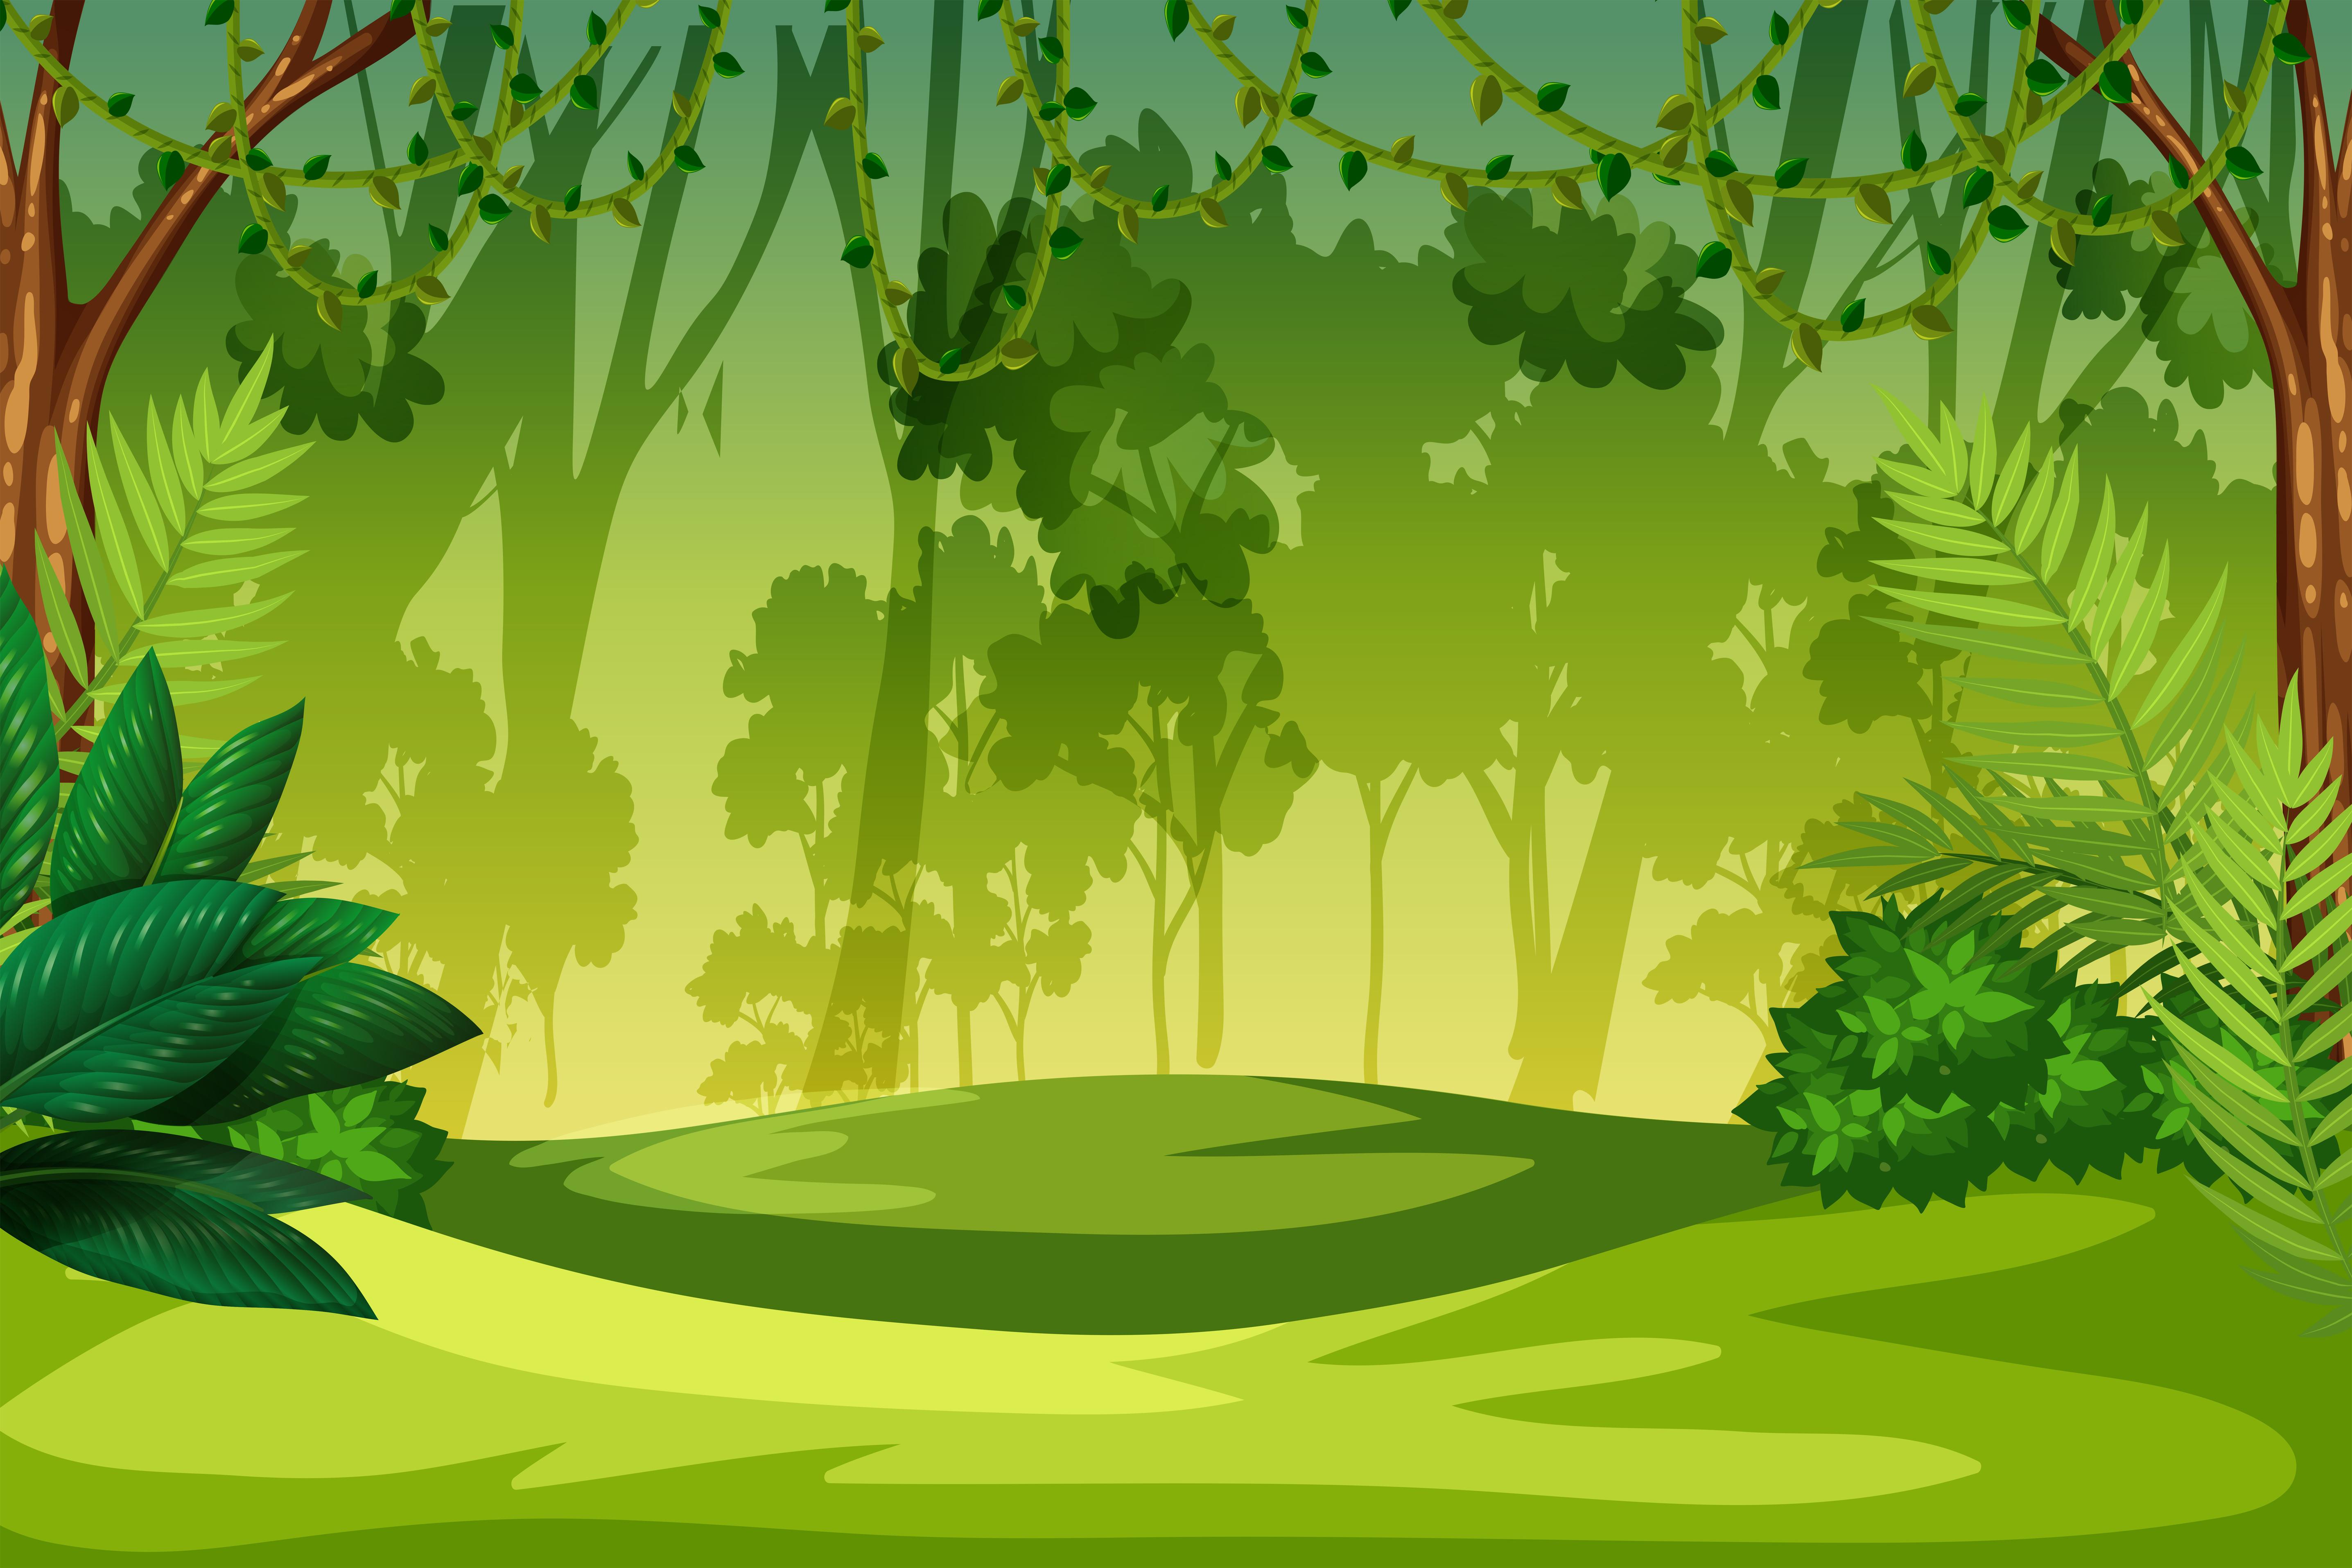 森林卡通 免費下載 | 天天瘋後製